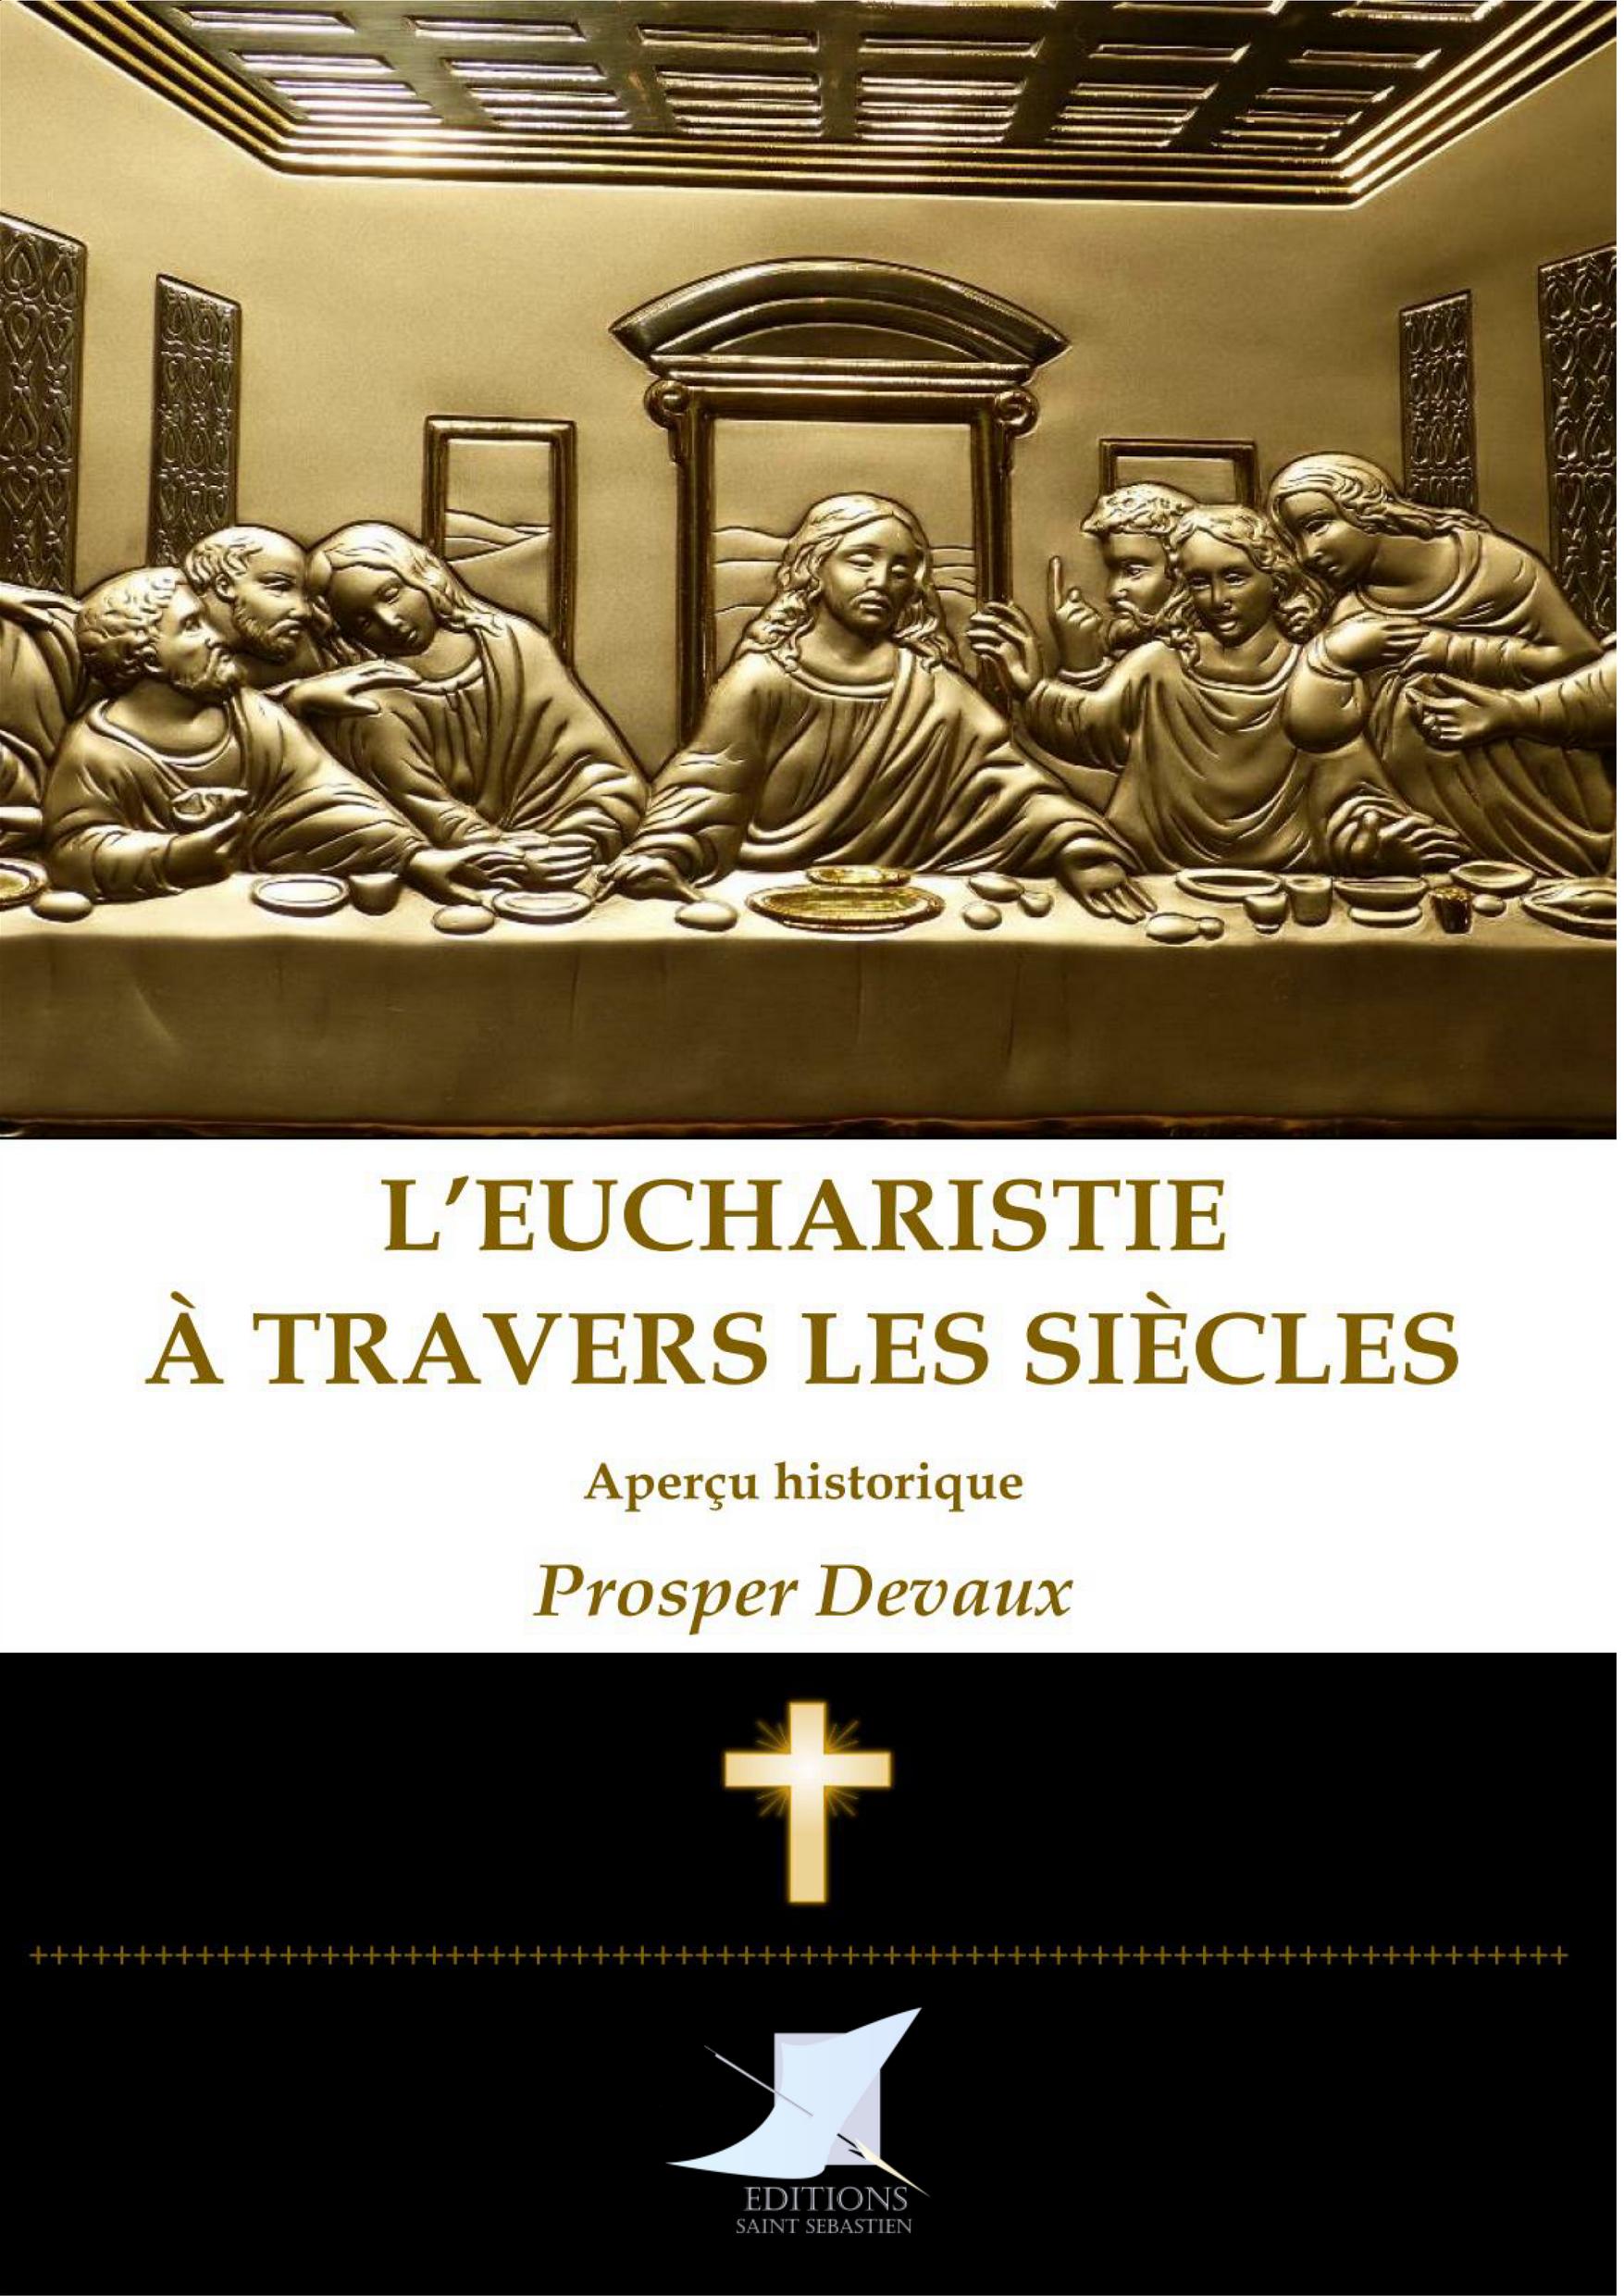 L'Eucharistie à travers les siècles